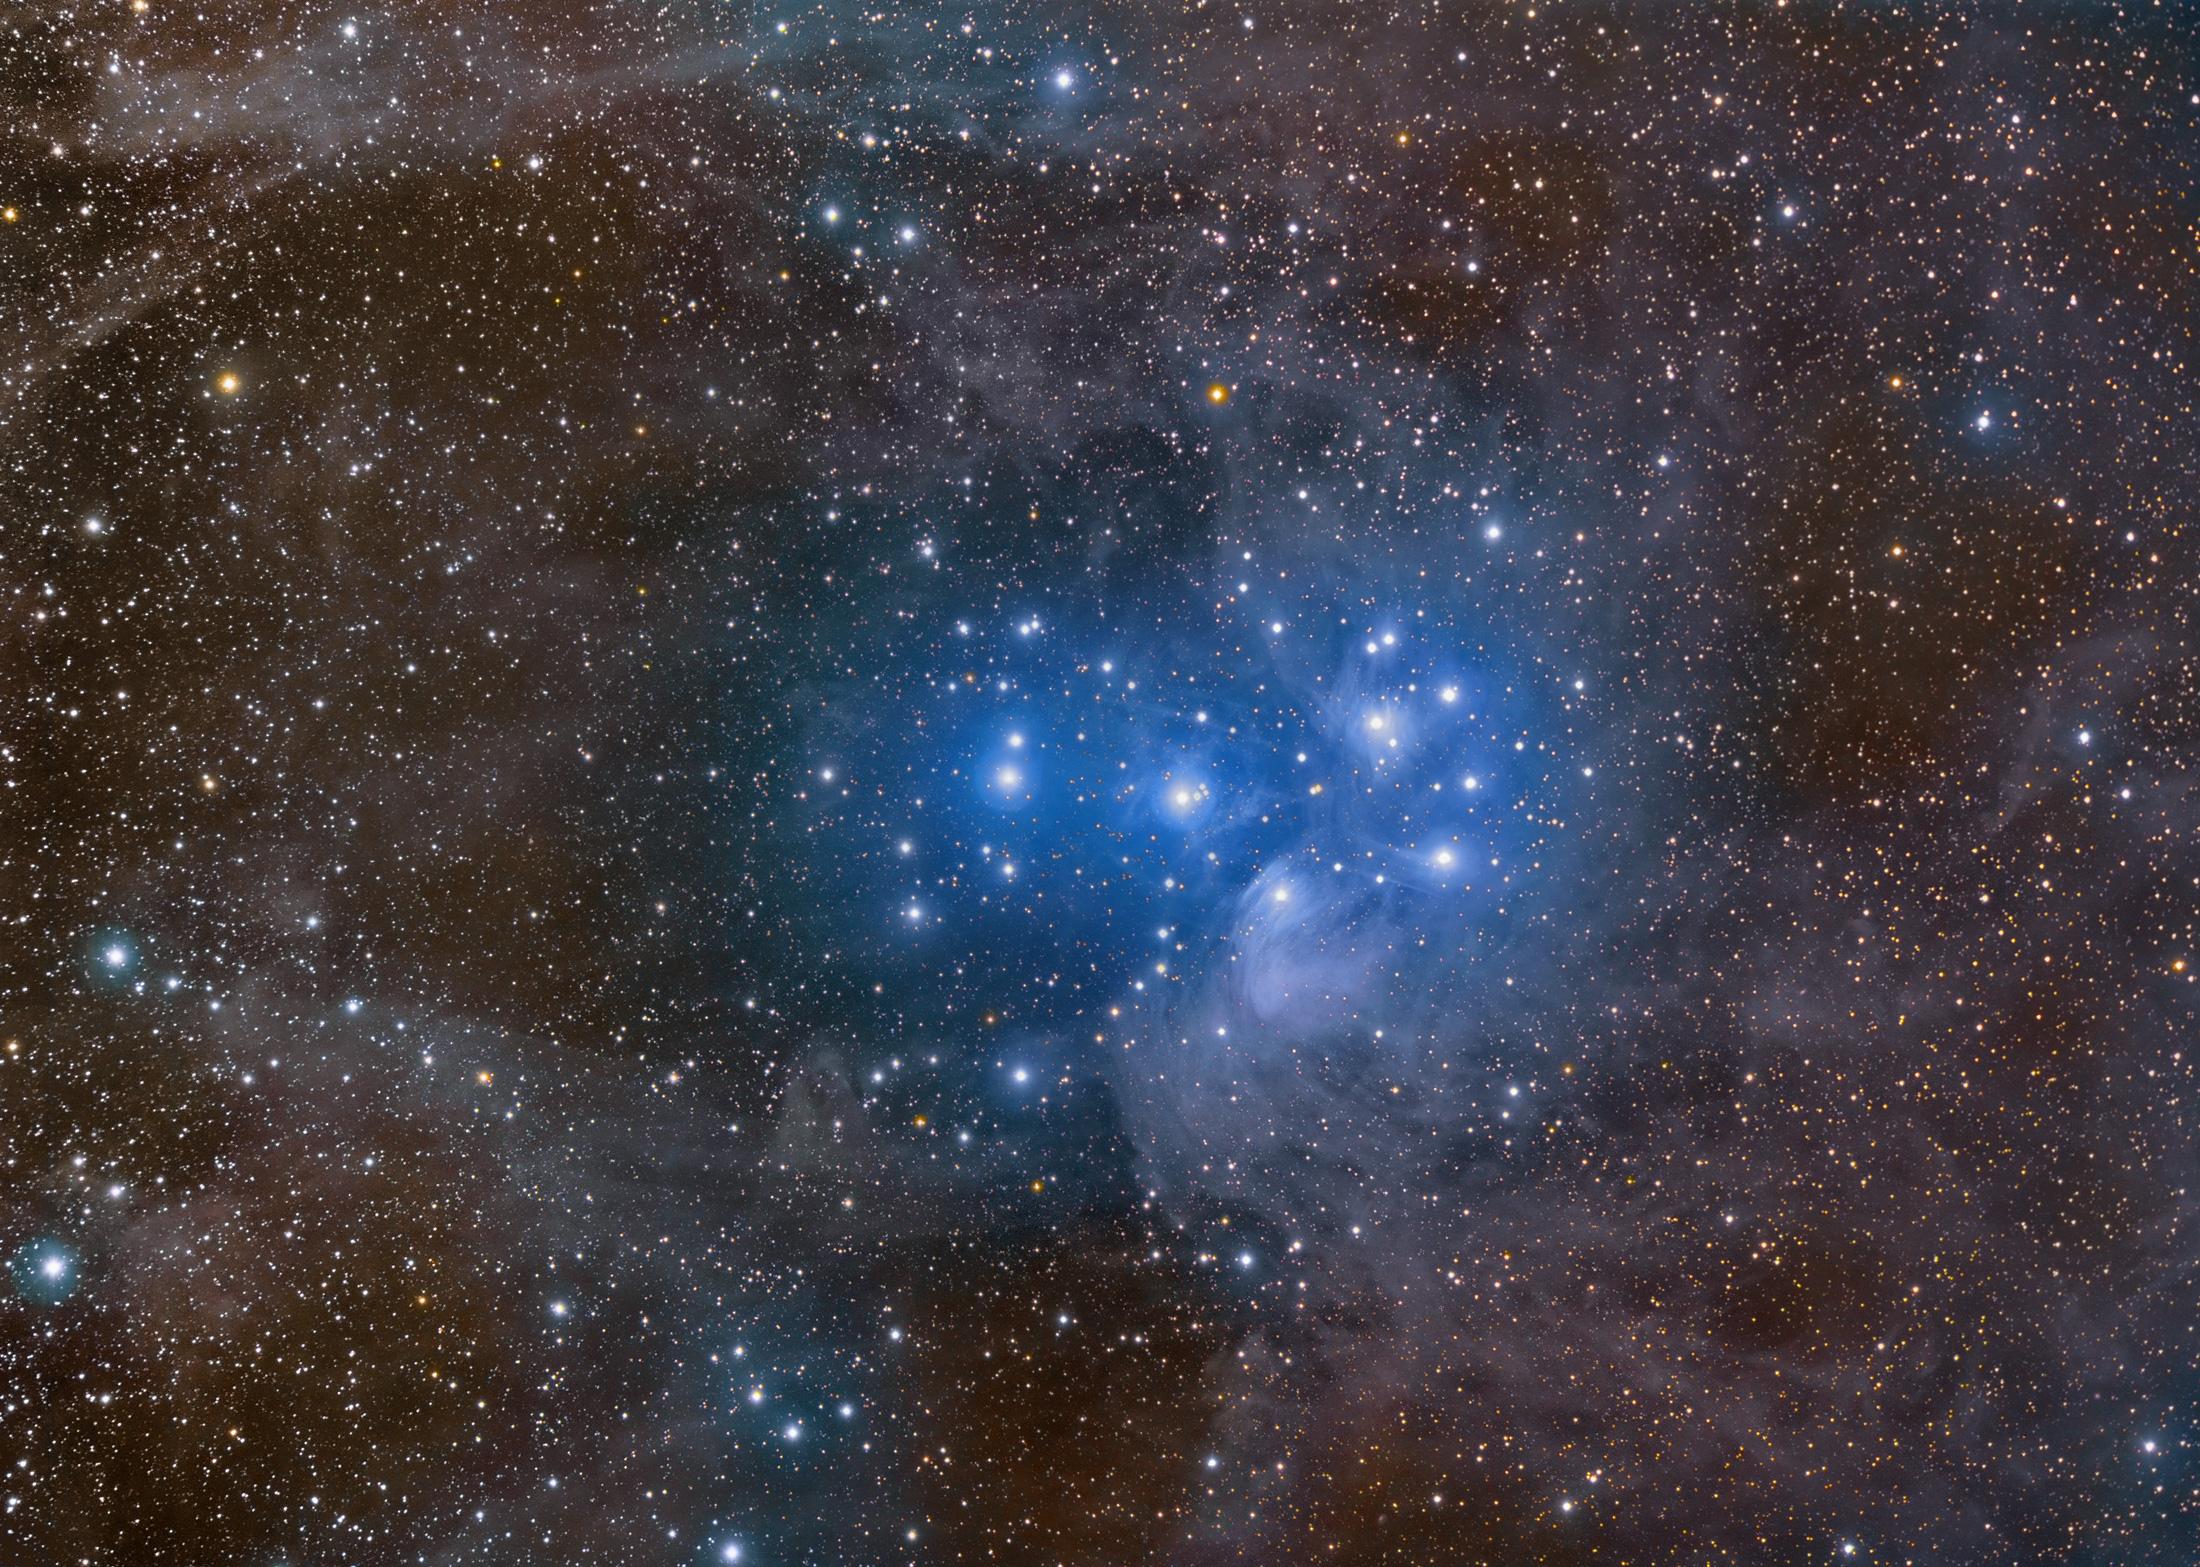 nasa photos of pleiades - photo #4